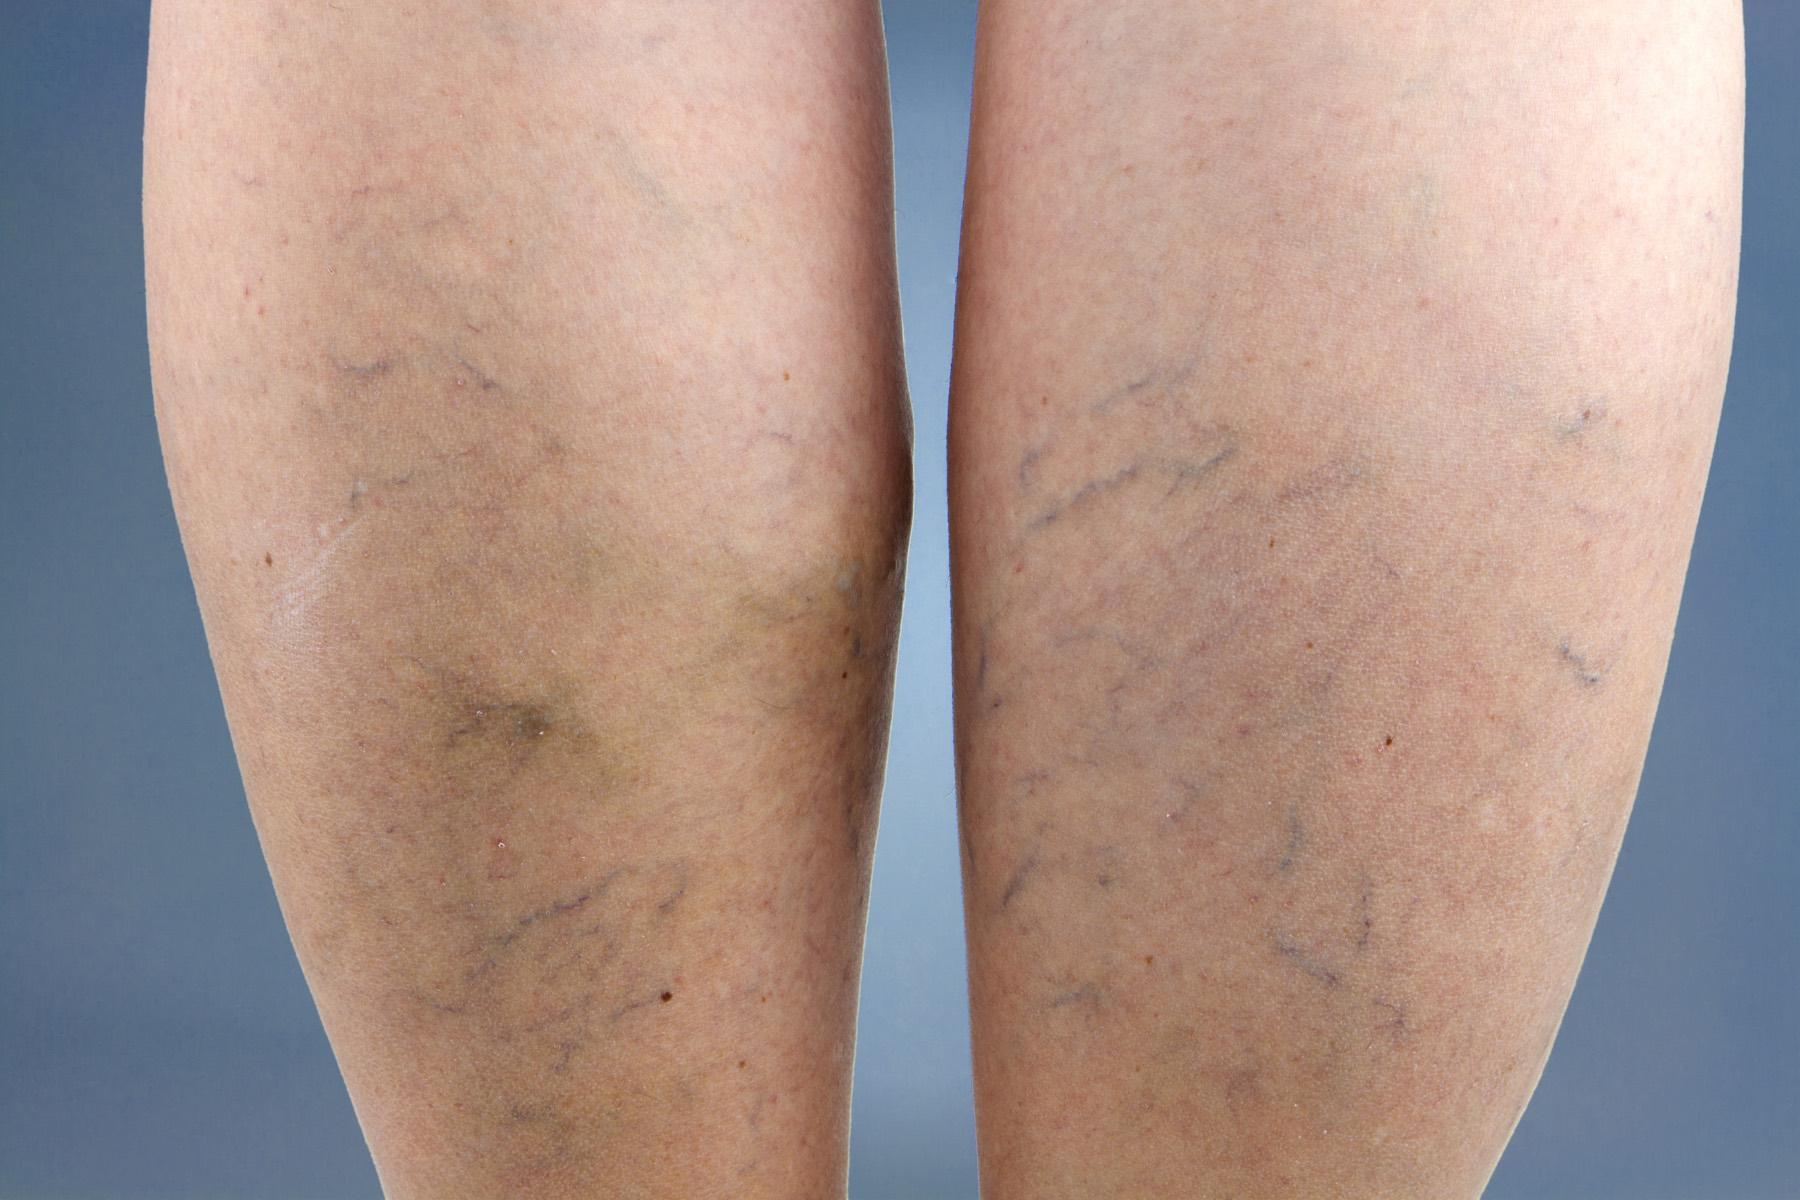 Варикозная болезнь нижних конечностей лечение немедикаментозное